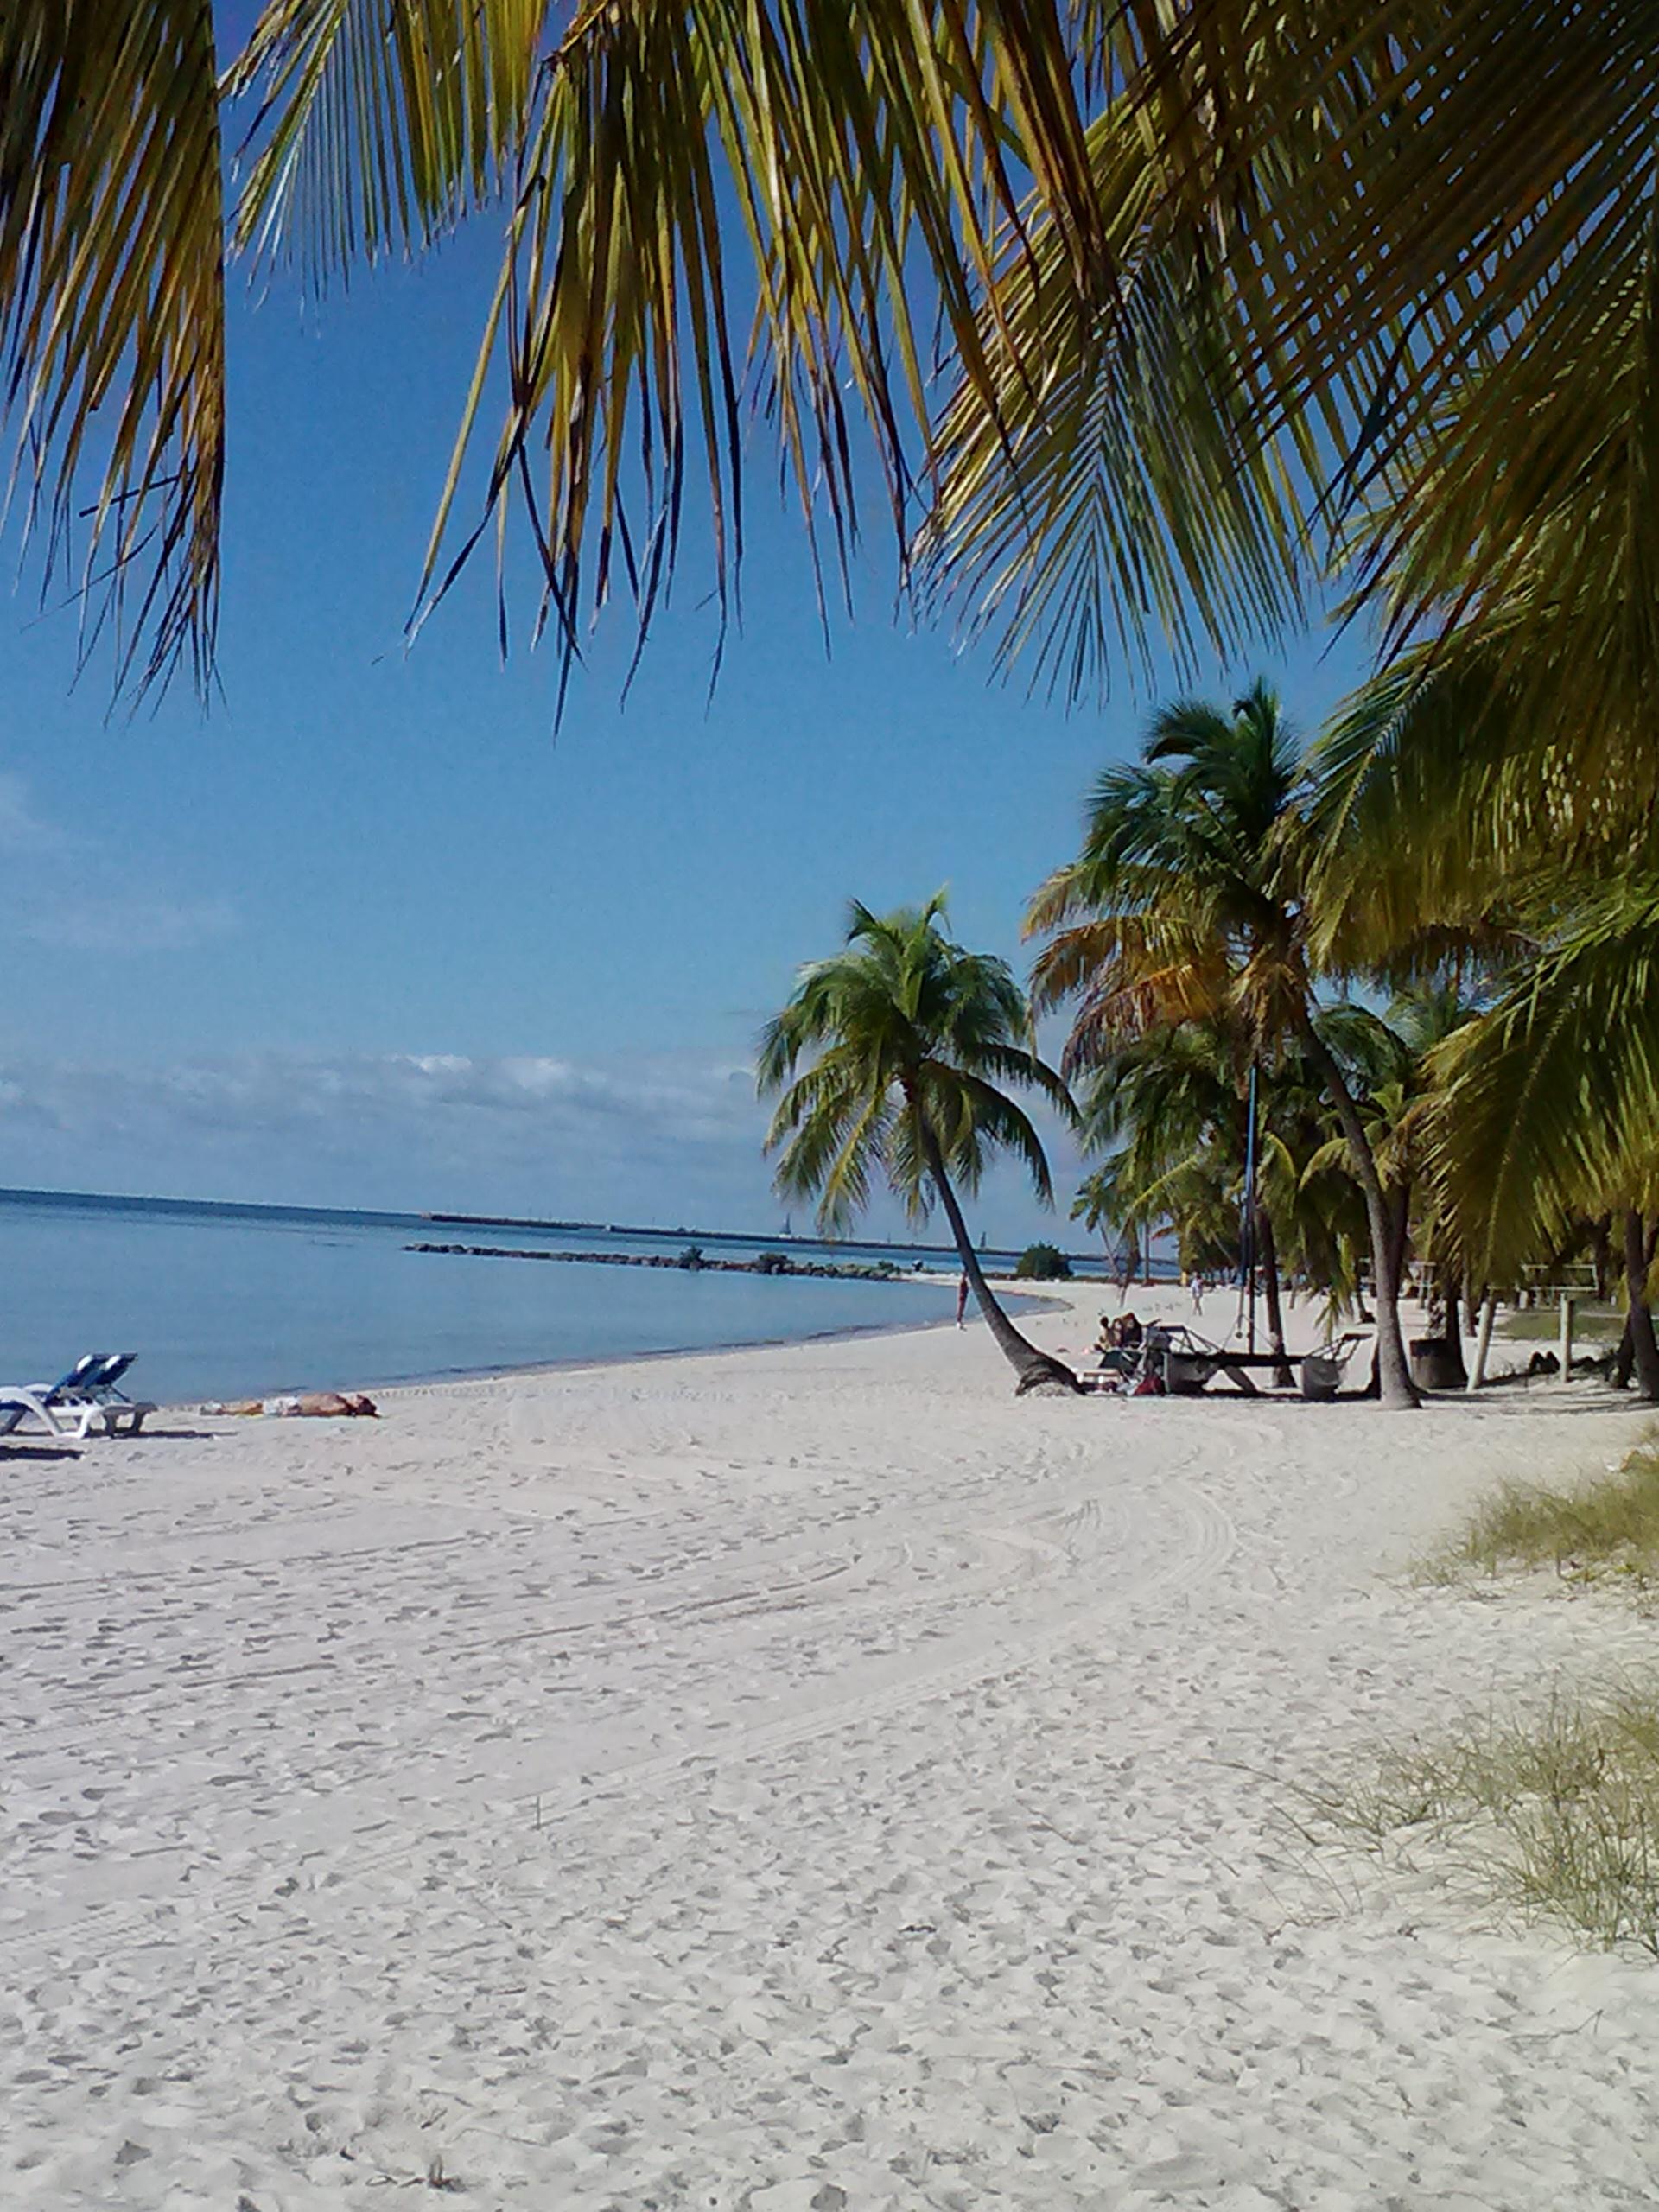 Vegan Restaurants In Key West Happycow